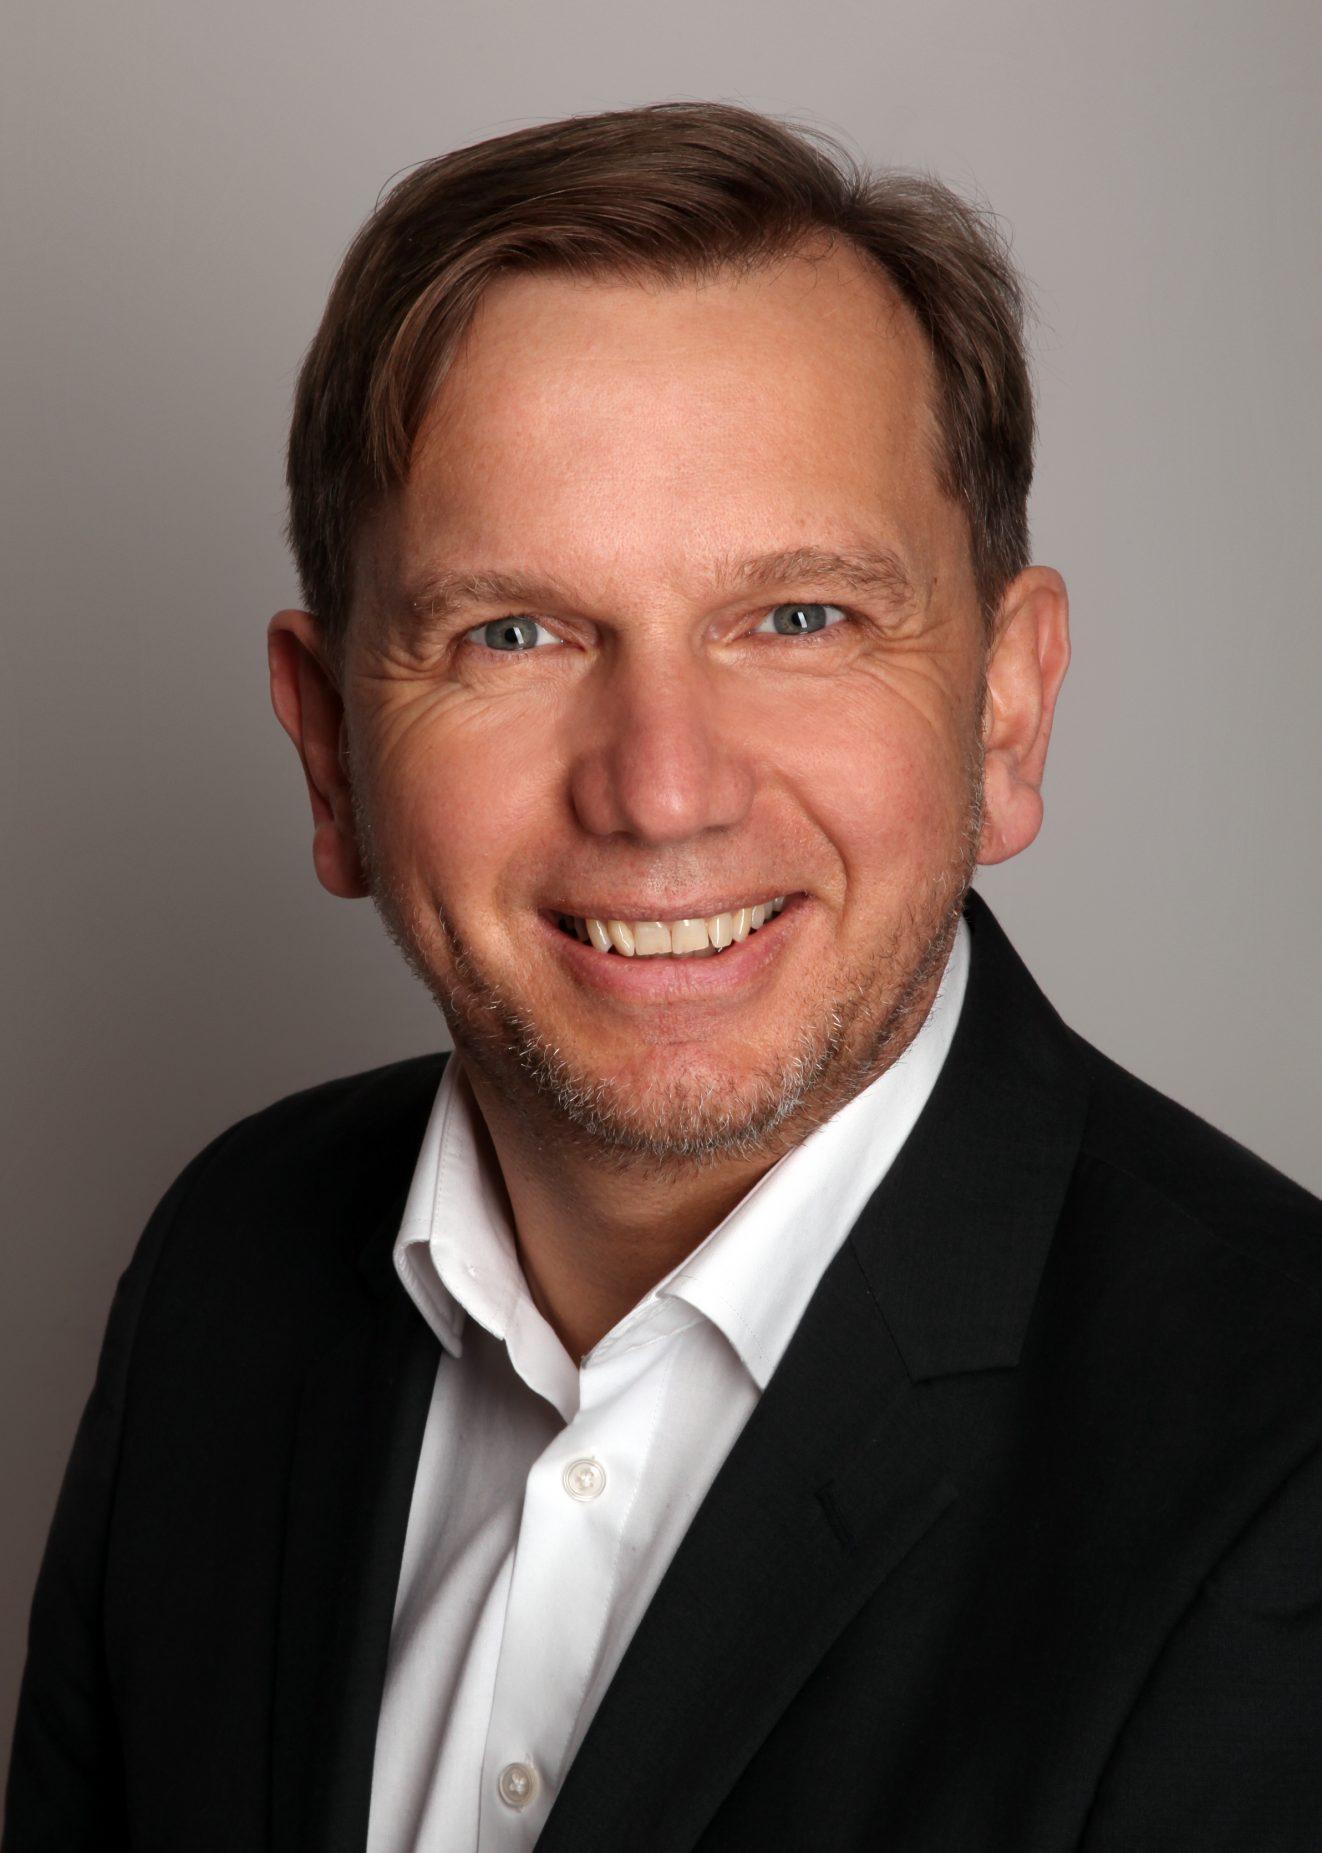 Arno Keller